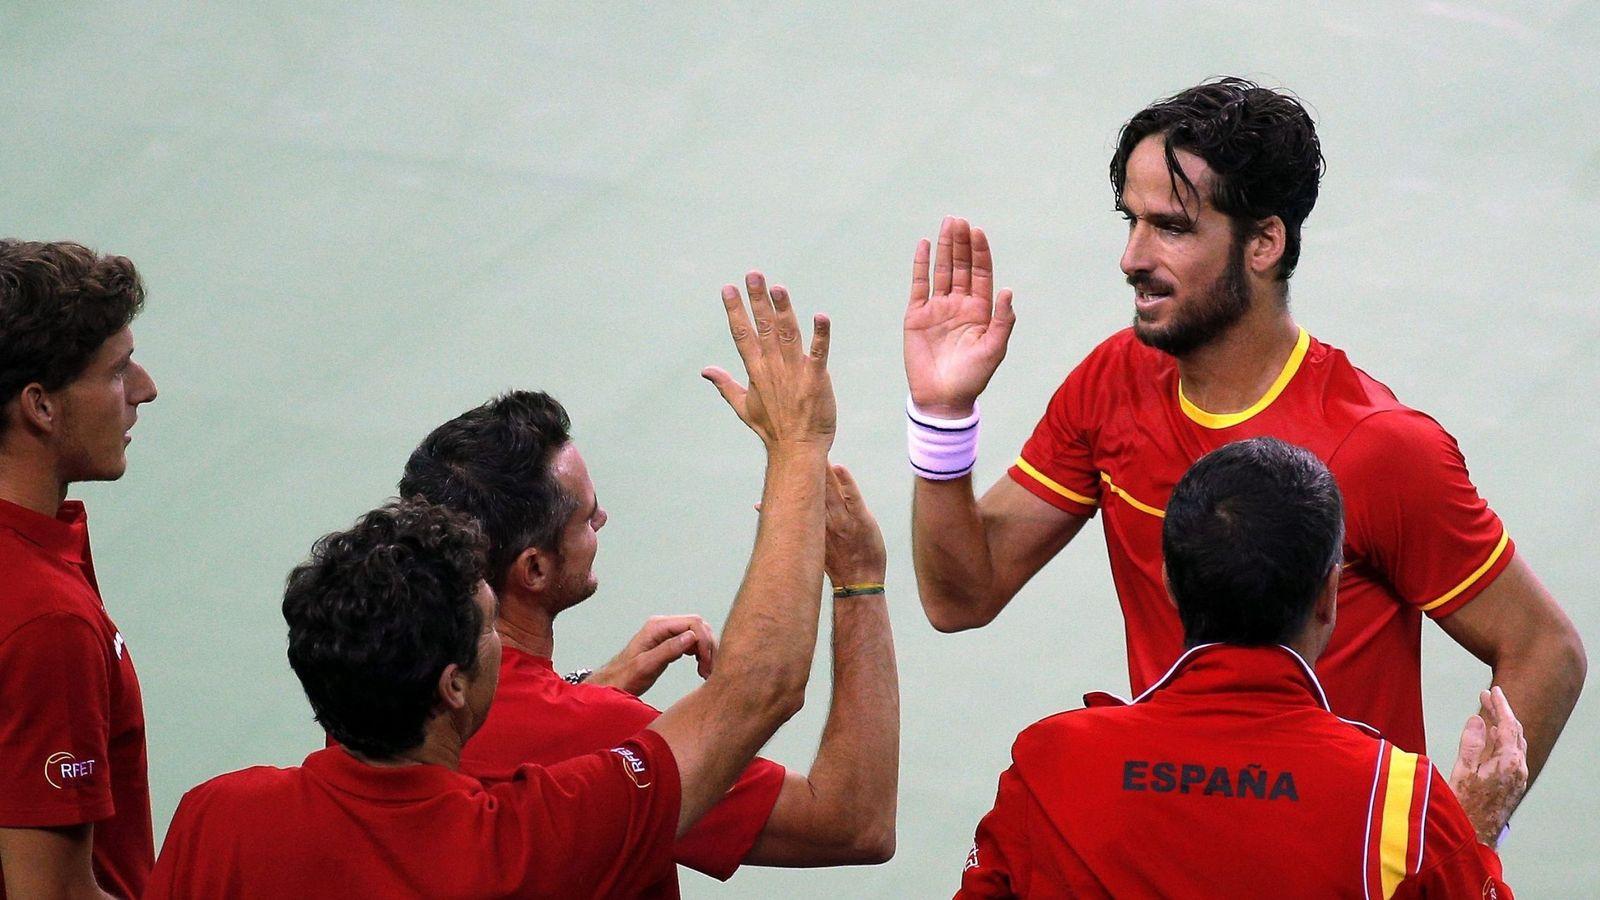 Foto: Feliciano López celebra la victoria junto a sus compañeros. Foto: Robert Ghement (EFE)